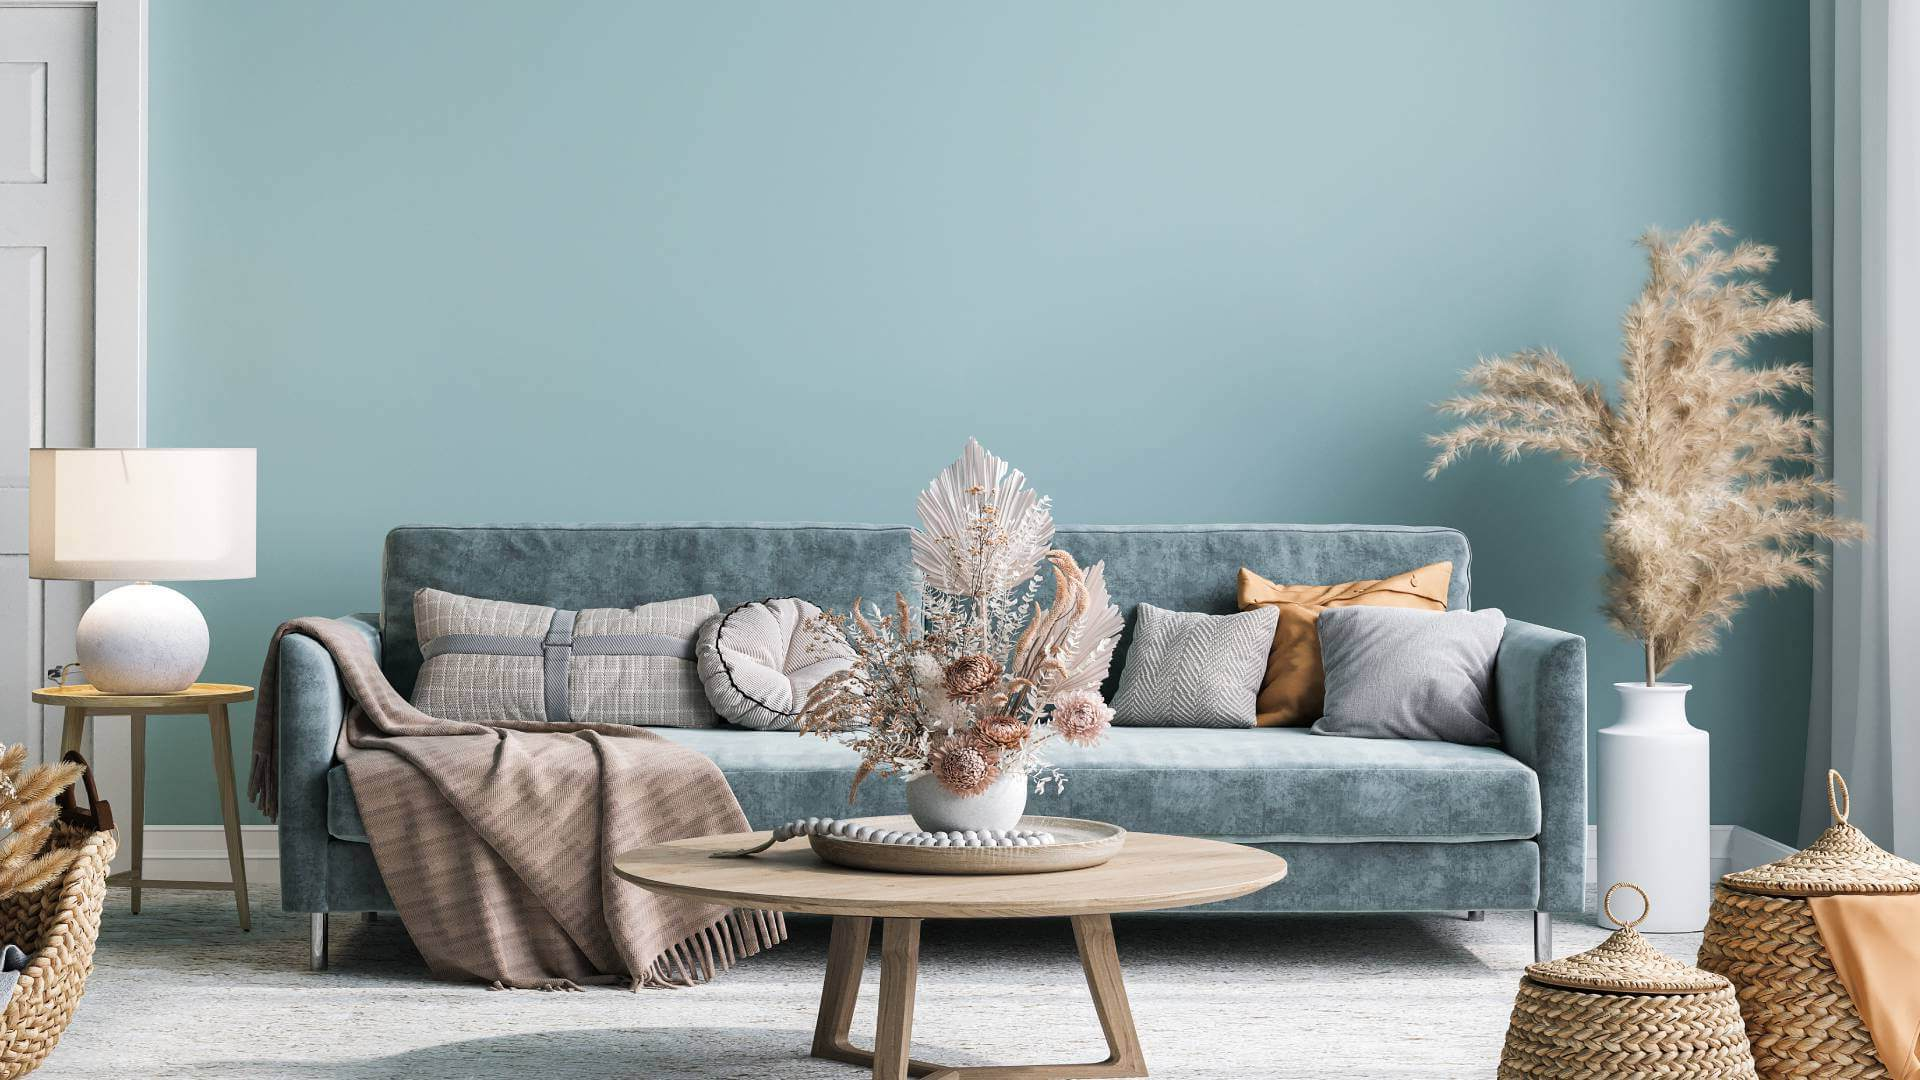 Wohnzimmer Trends 2021 - So richten Sie das Herz Ihres Hauses trendig ein!